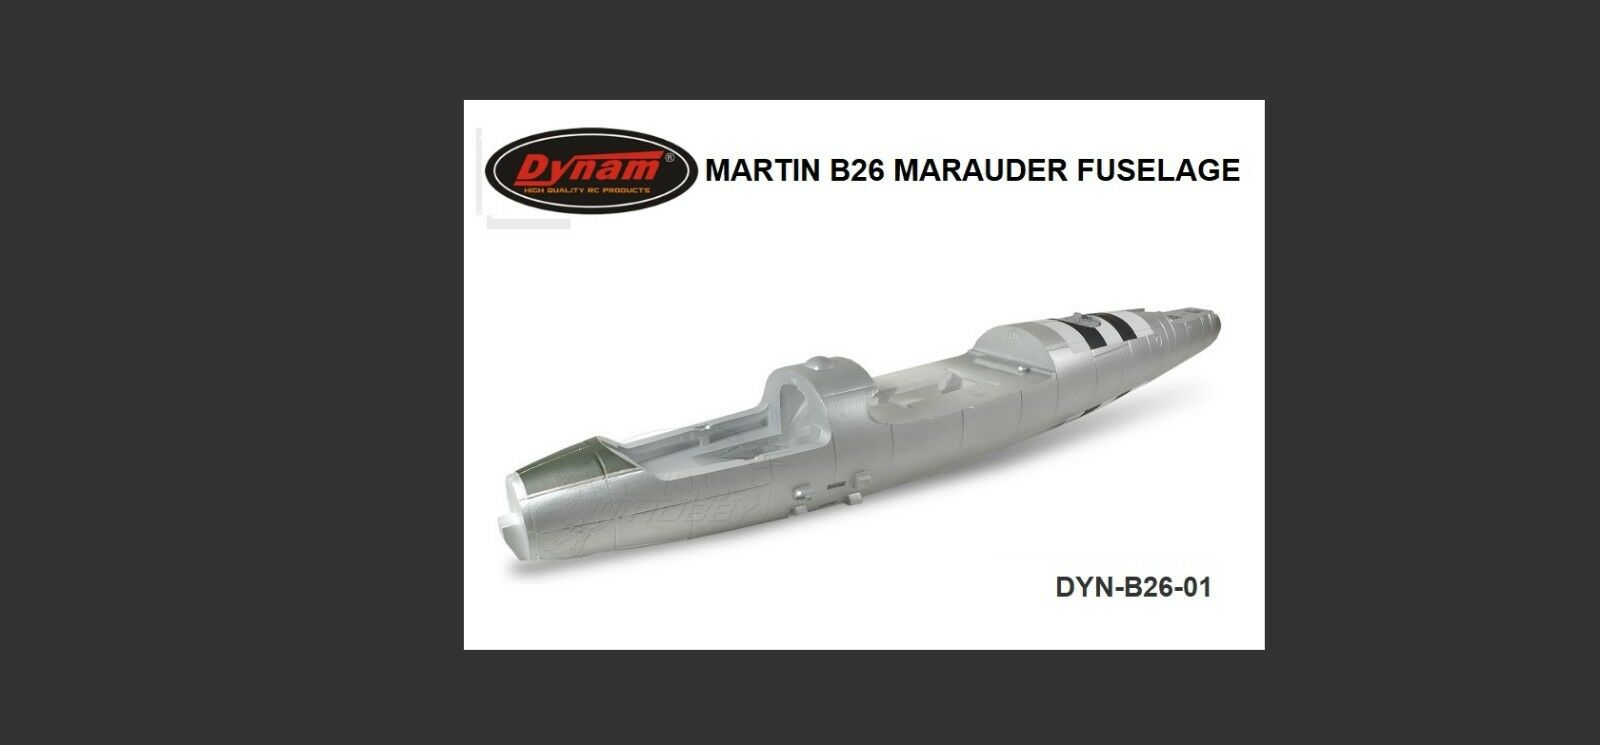 Dynam Martin B26 Marauder Fusoliera